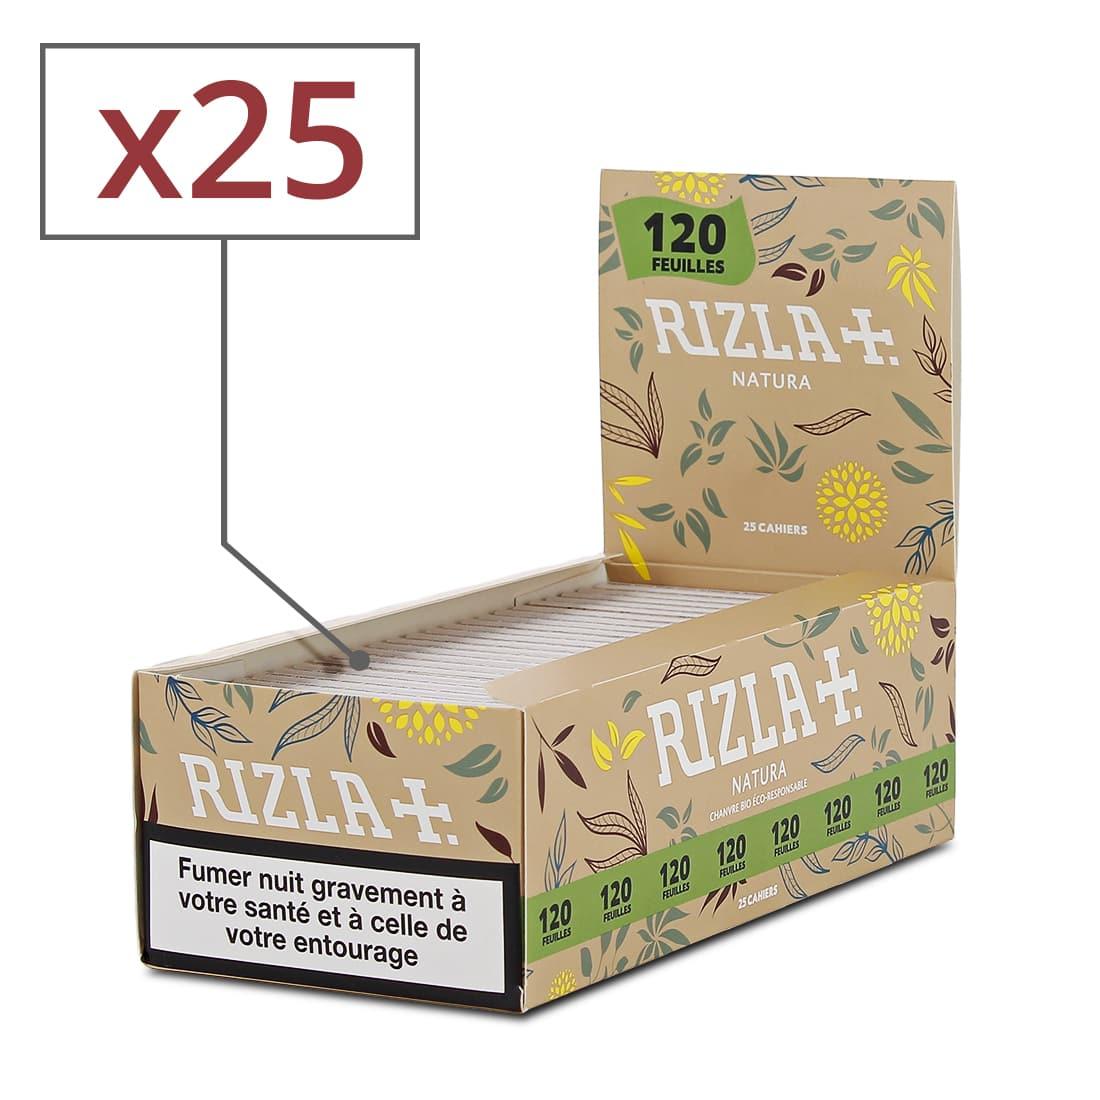 Photo de Papier à rouler Rizla + Natura x 25